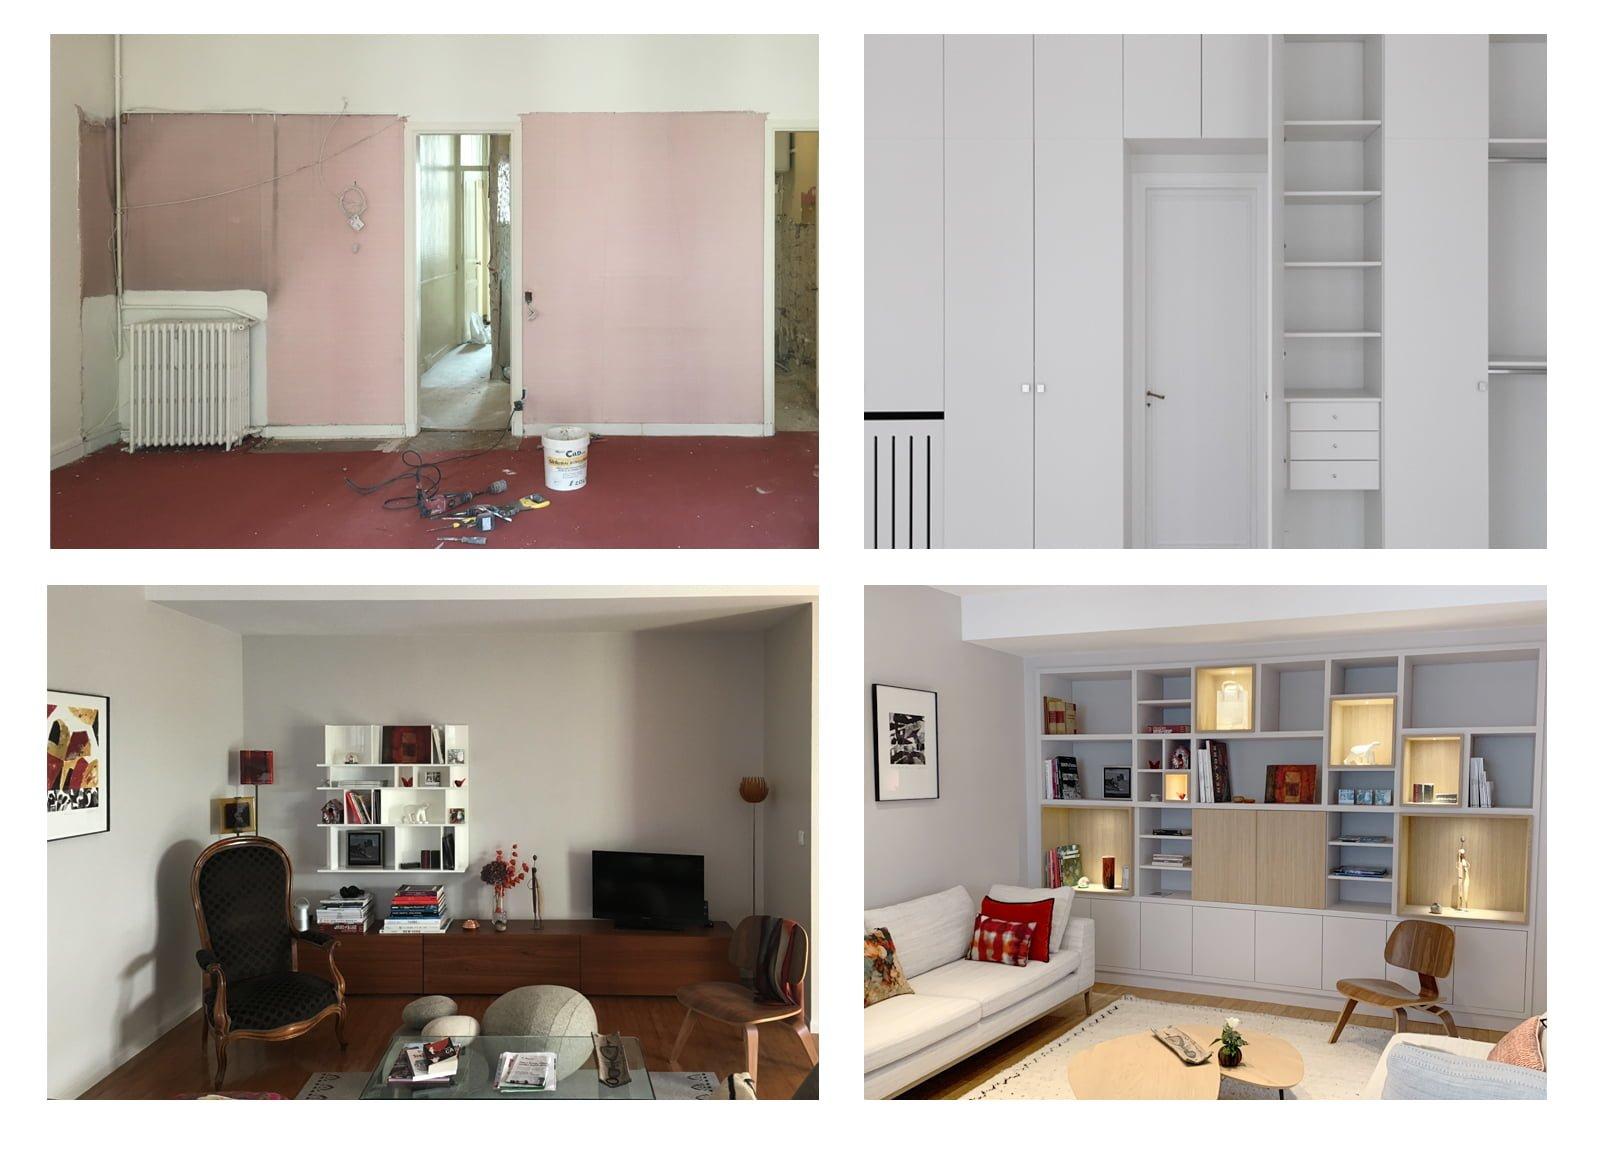 Agencement et bibliothèque conçue par Fabienne Boé de Pirey, Architecte d'intérieur UFDI à Paris 75